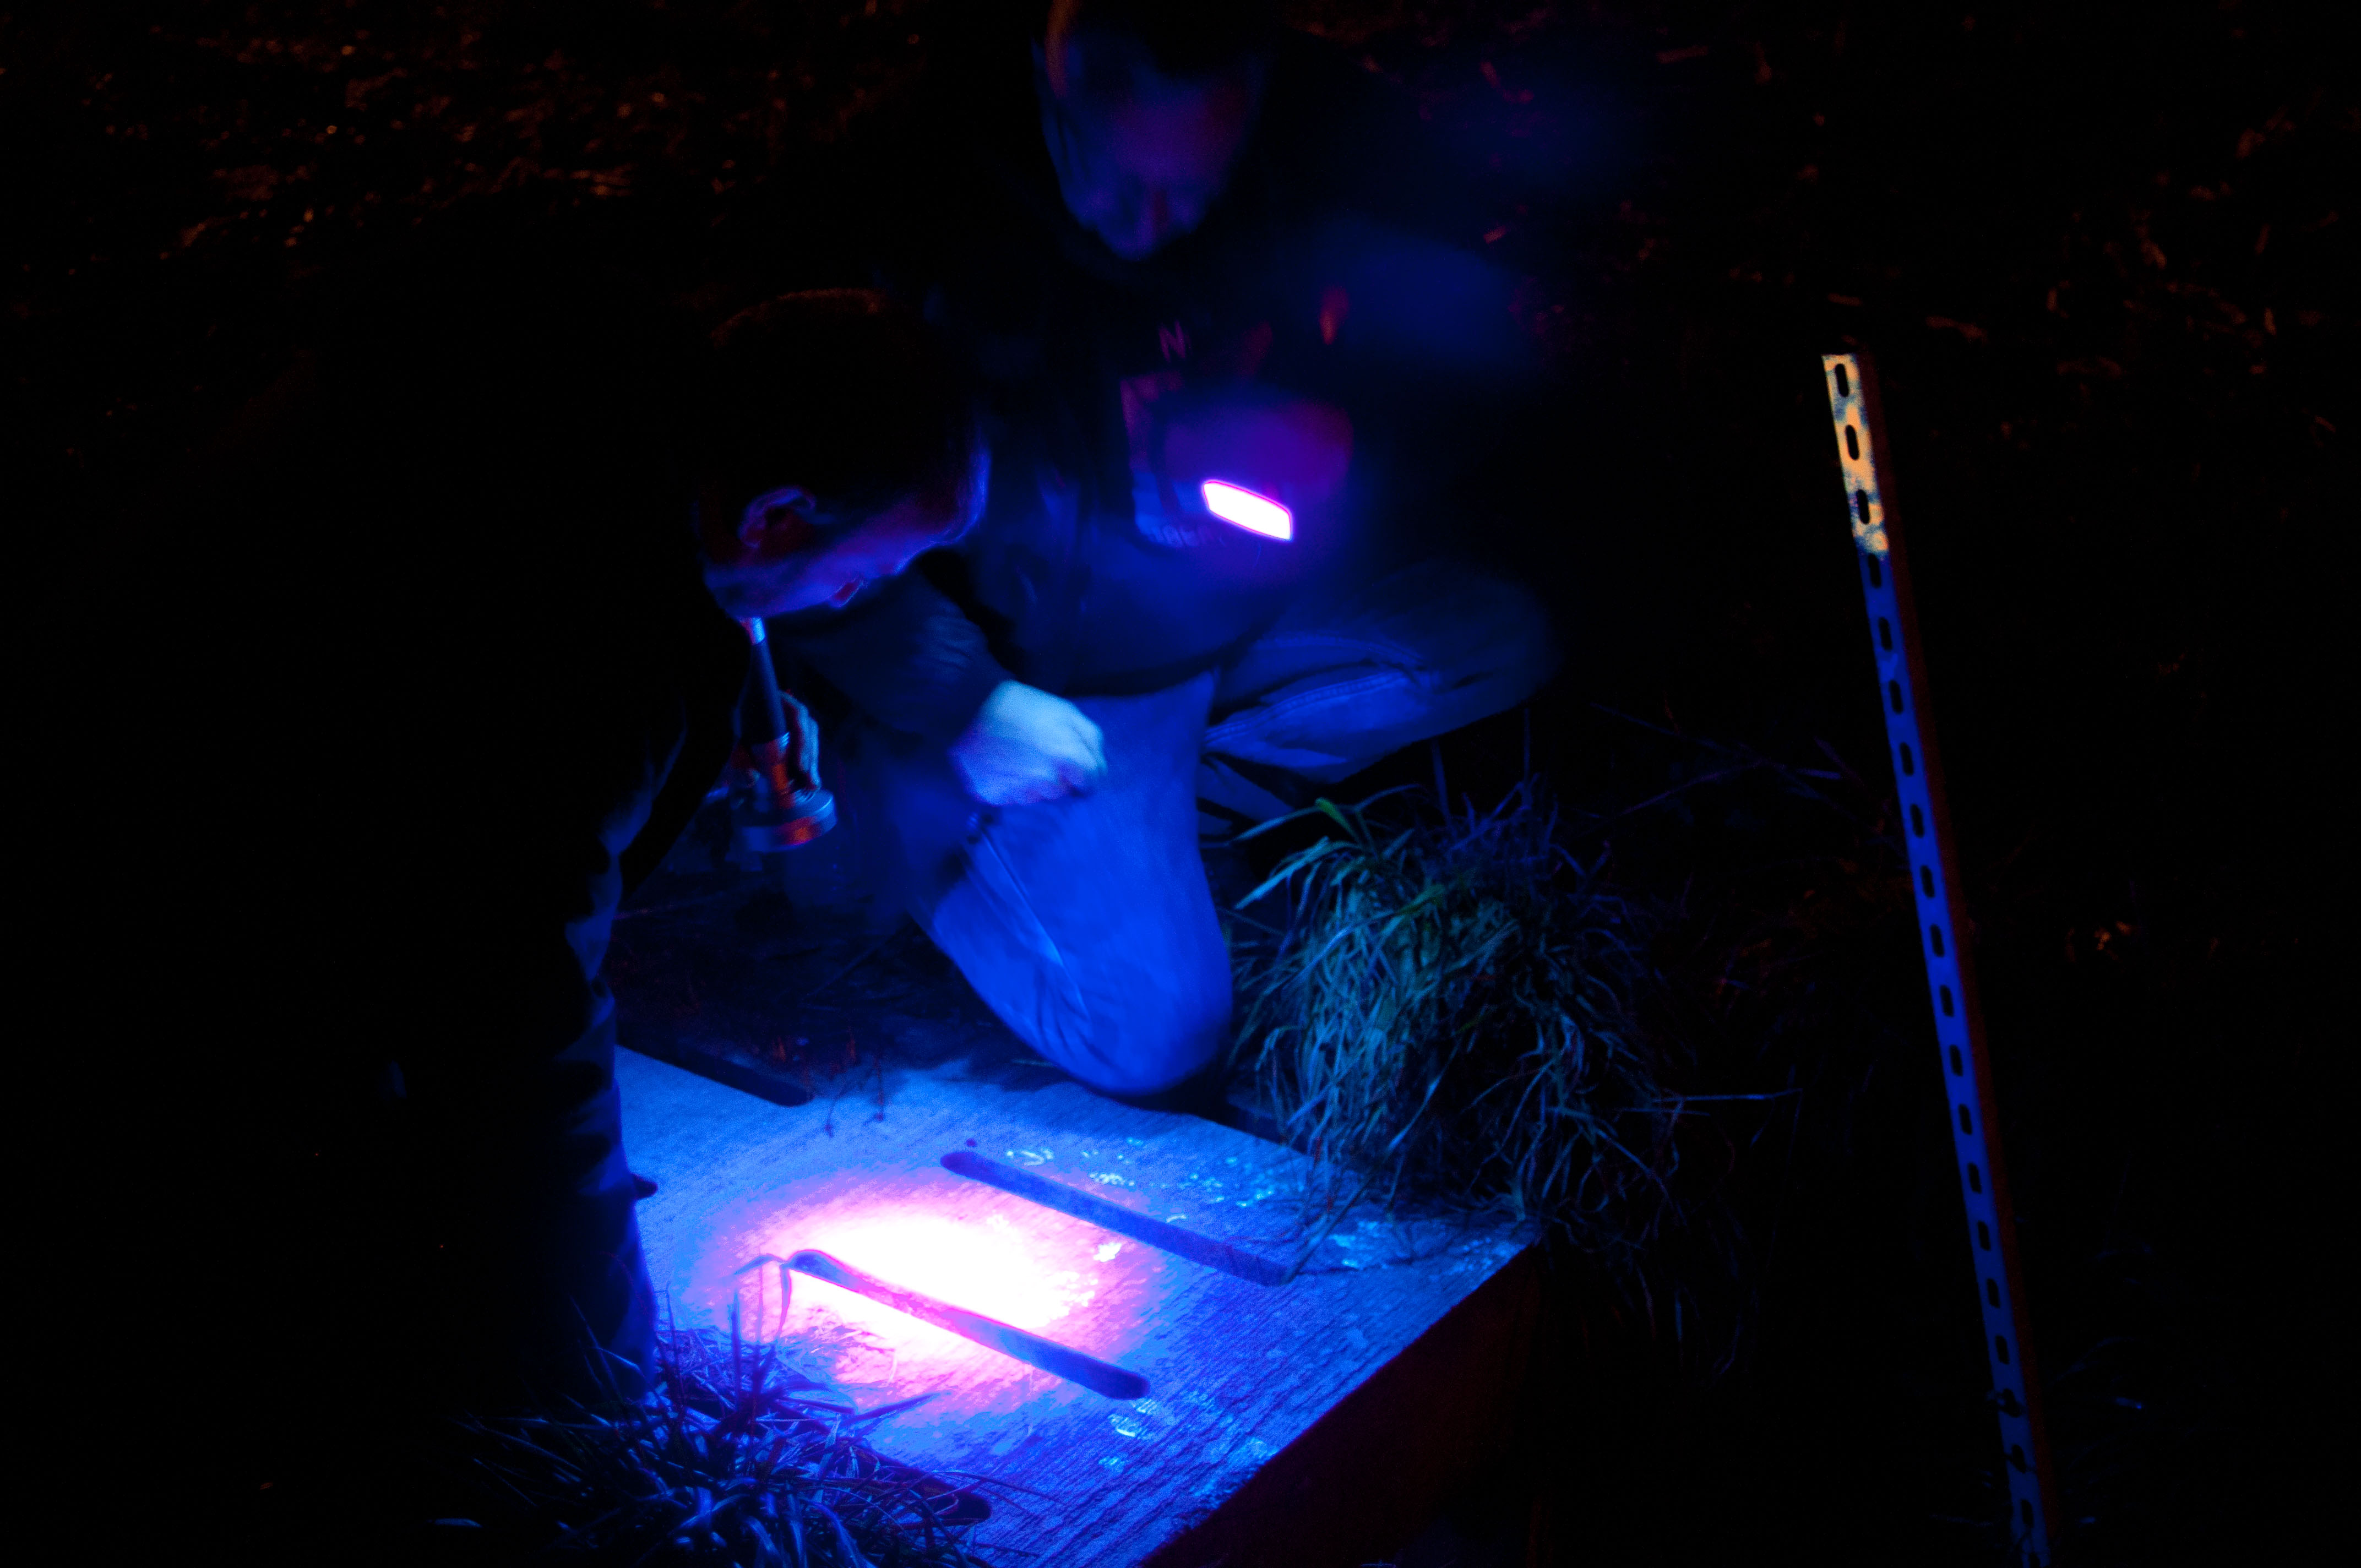 Fright Night - Nachtcaches UV licht